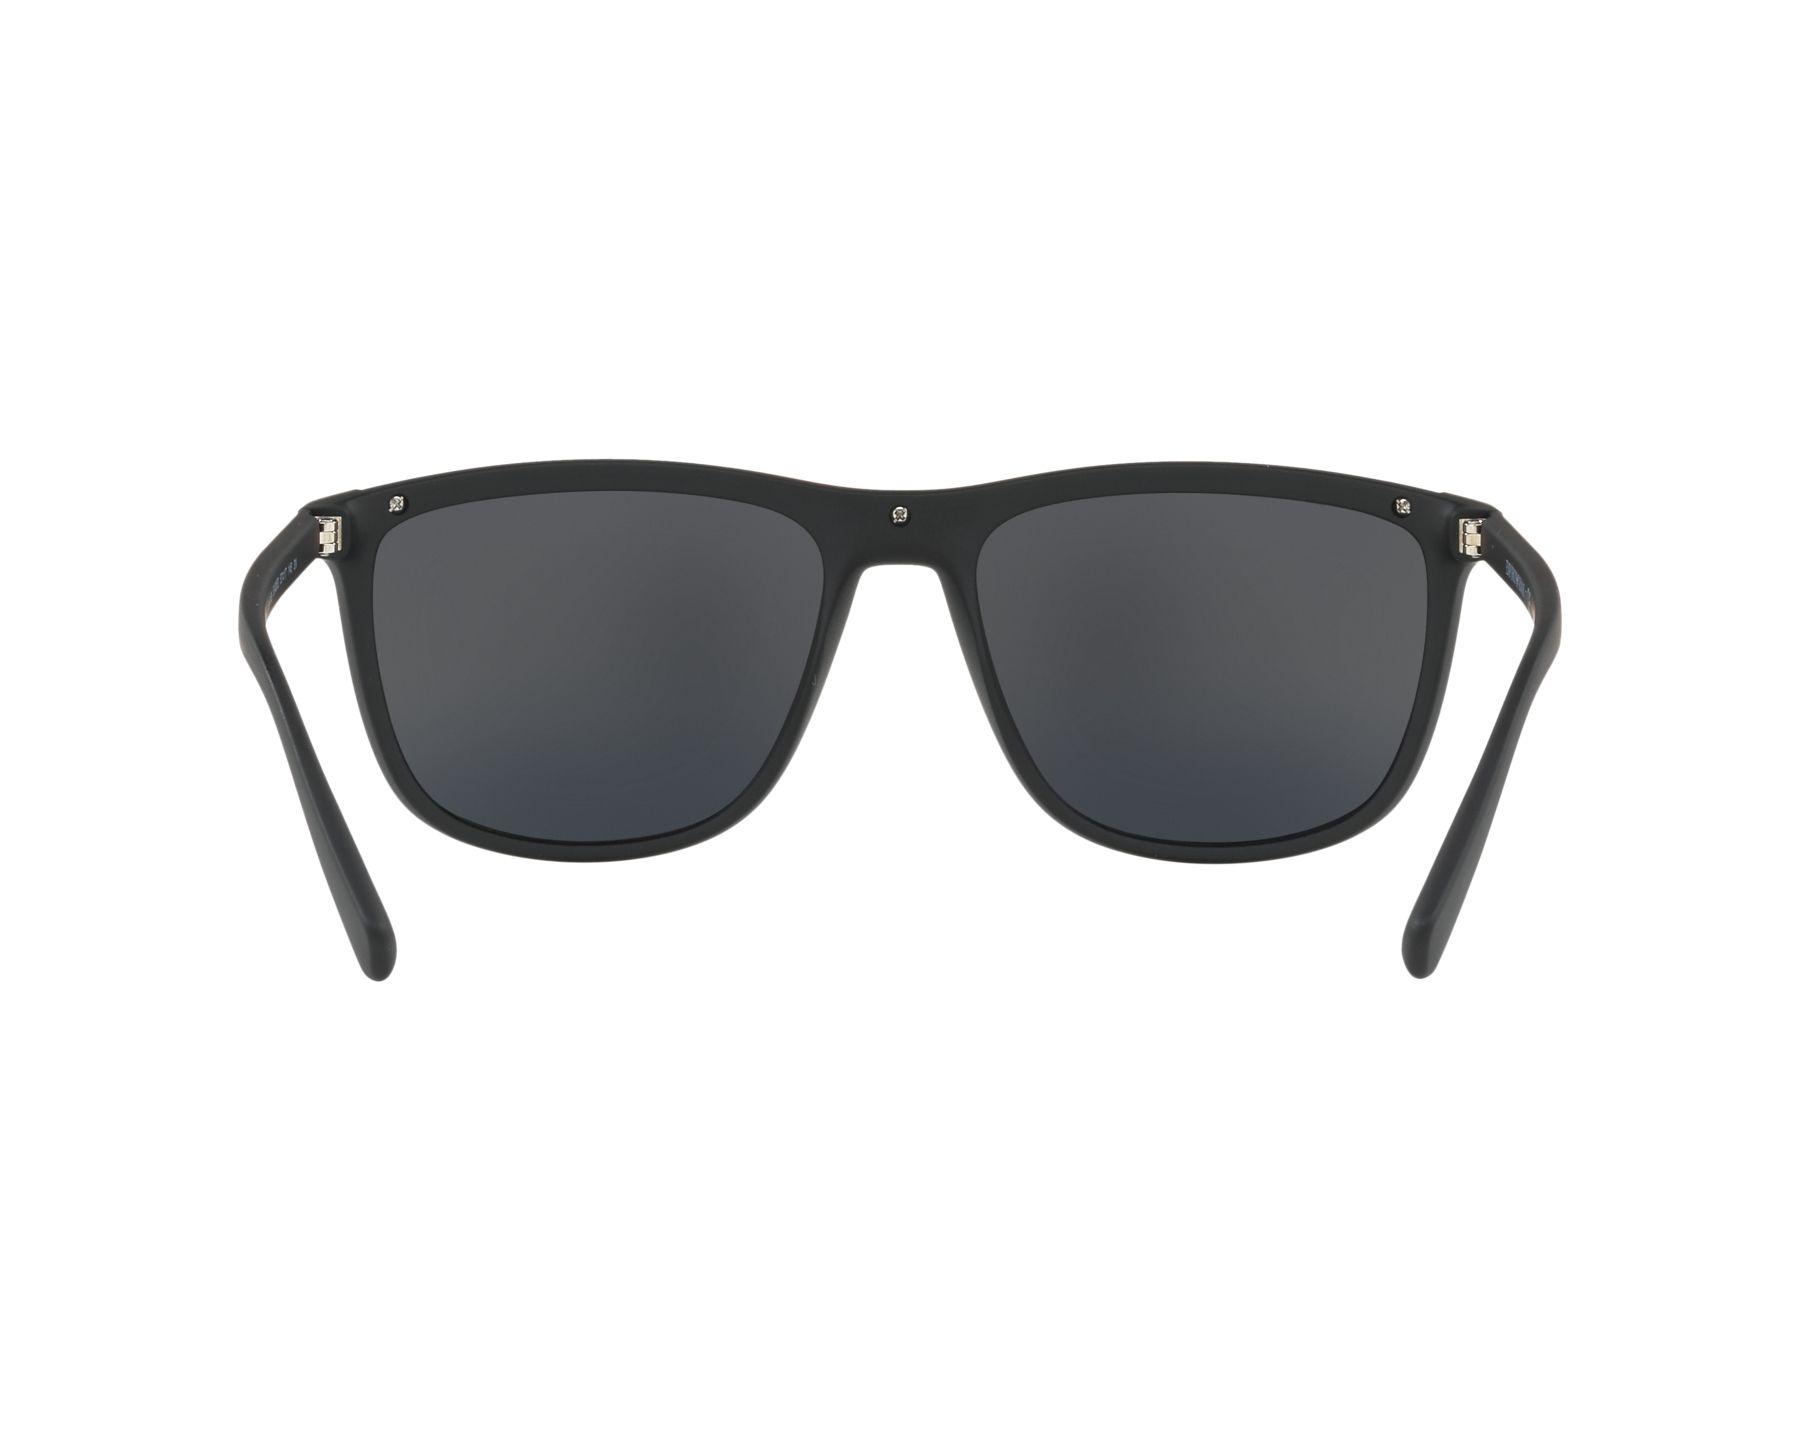 Sunglasses Emporio Armani EA-4109 50426G 57-17 Black Red 360 degree view 7 c56449dca4